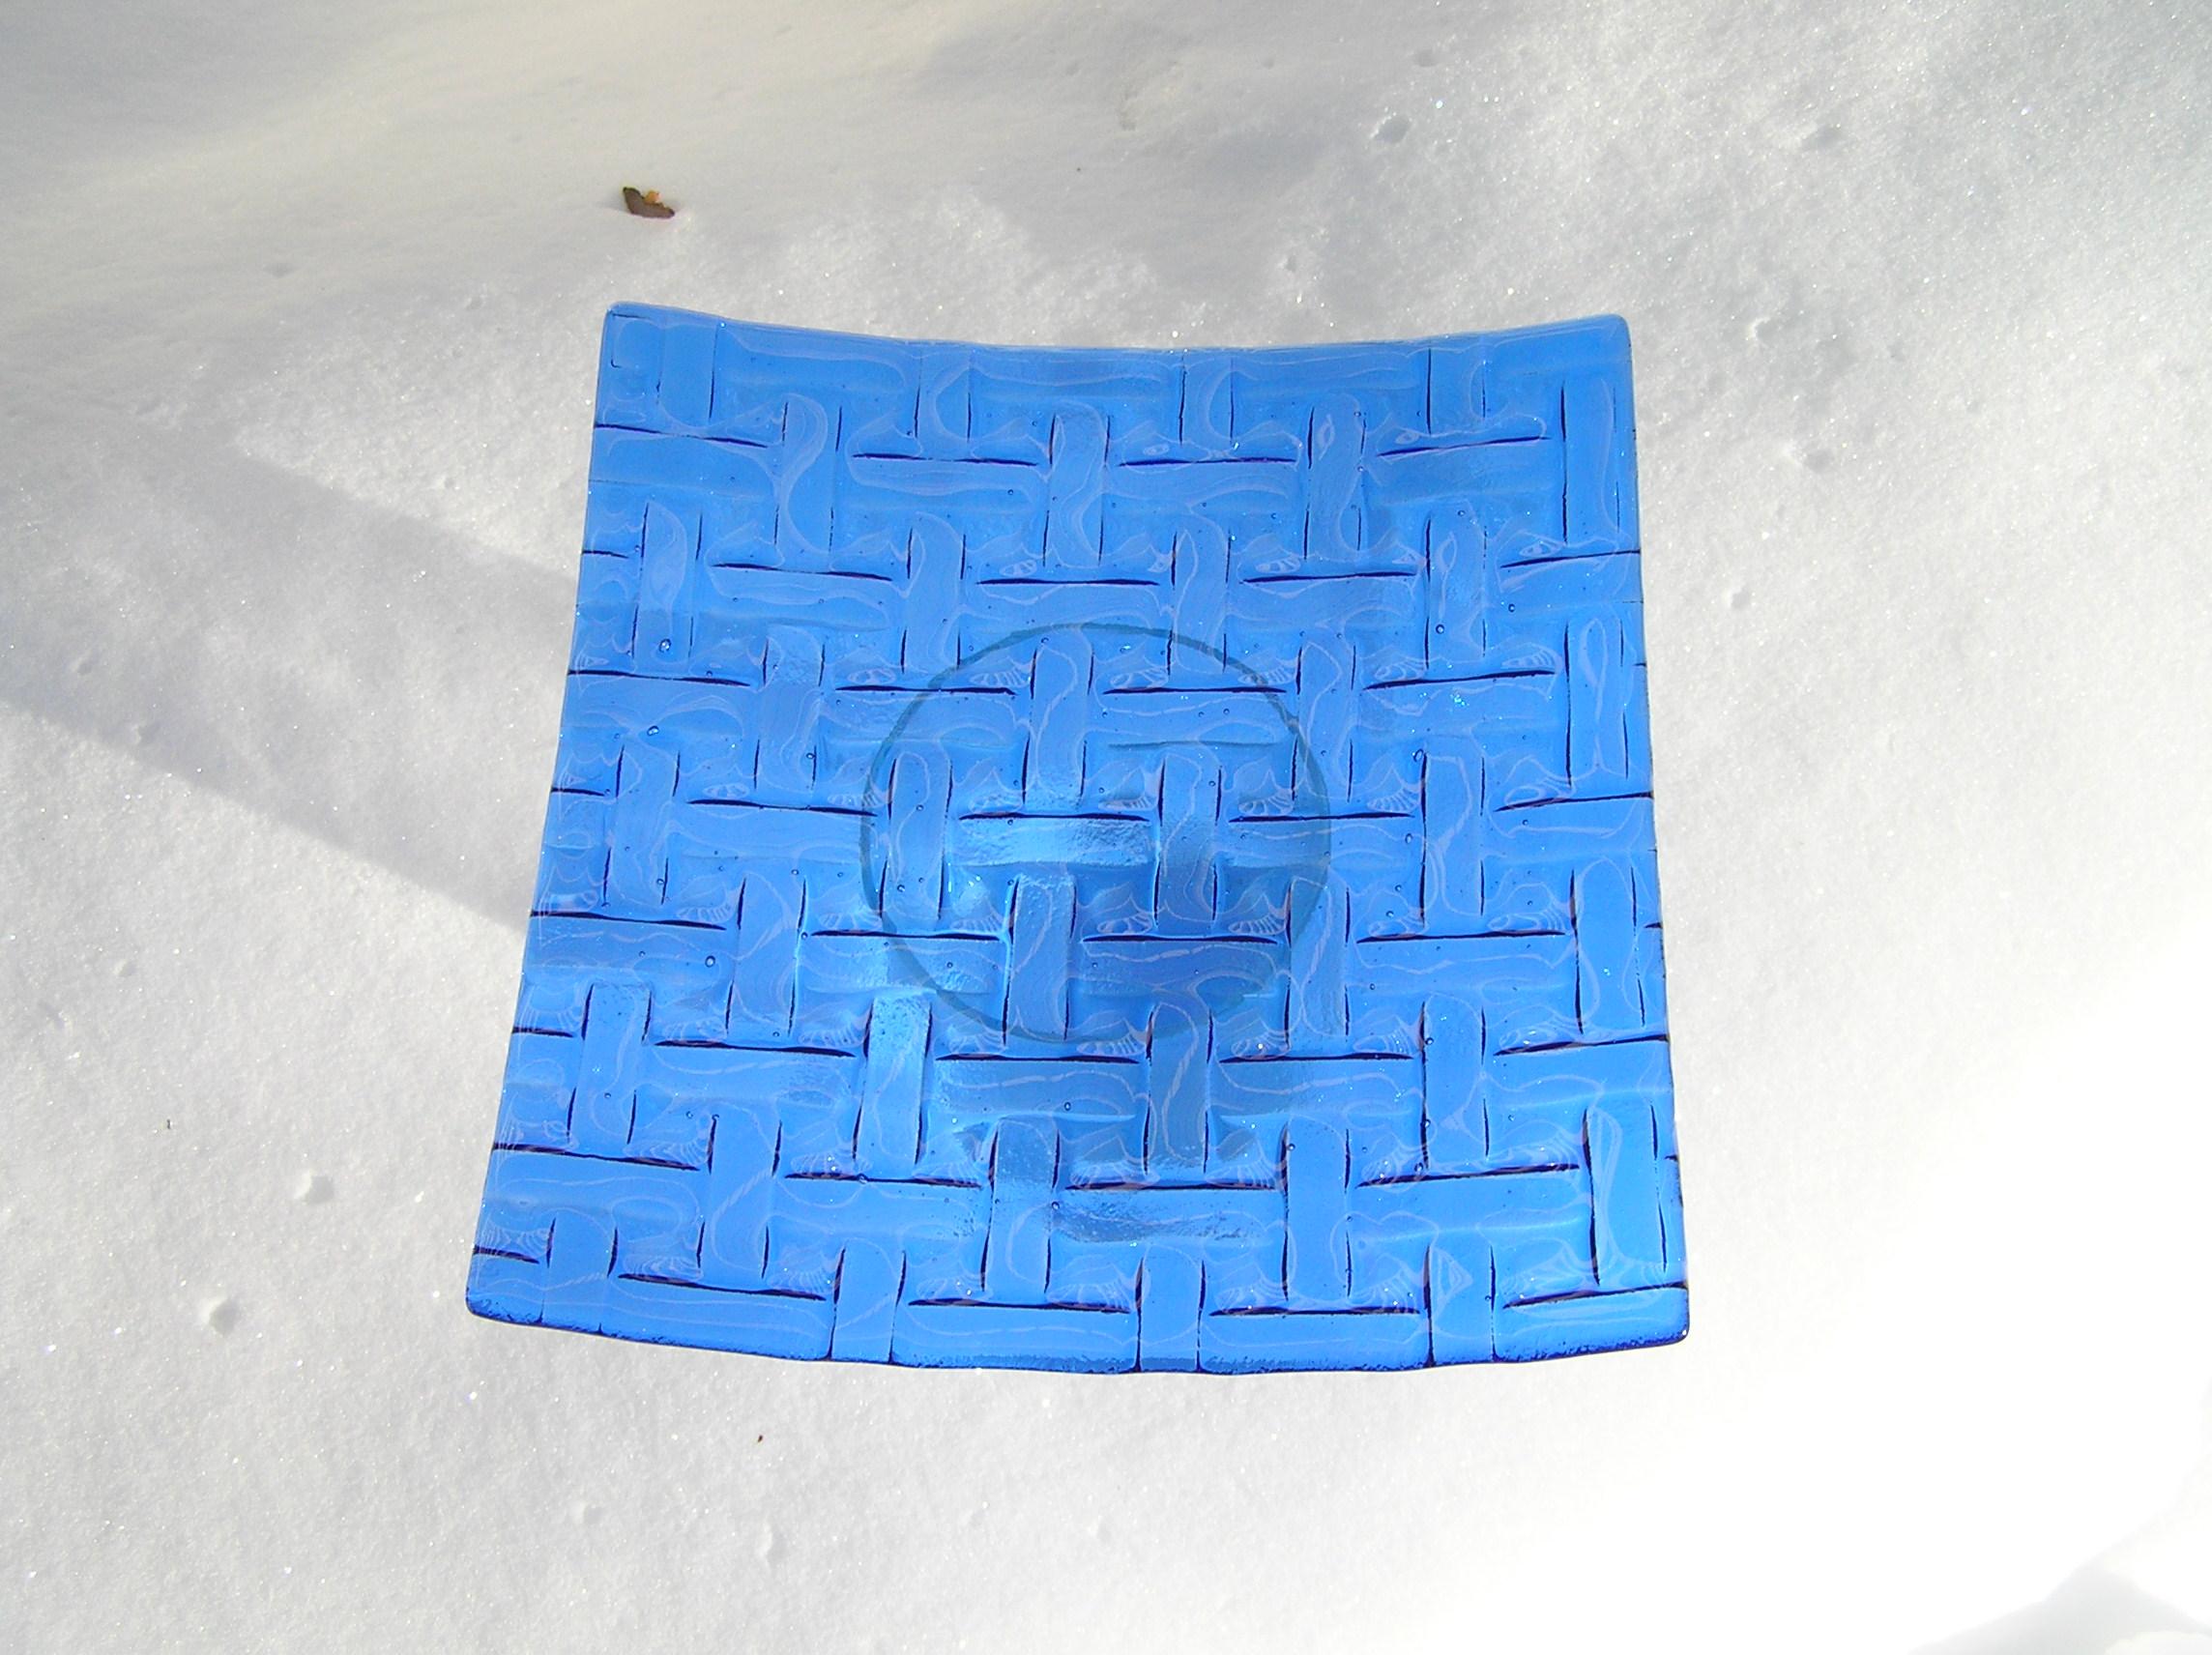 Fat med flätmönster - Ett fusat fat i klarblått (något mörkare blå än bilden visar). Finns endast i 1 exemplar1800 kr-varunamn beställning Fusat fat med flätmönster